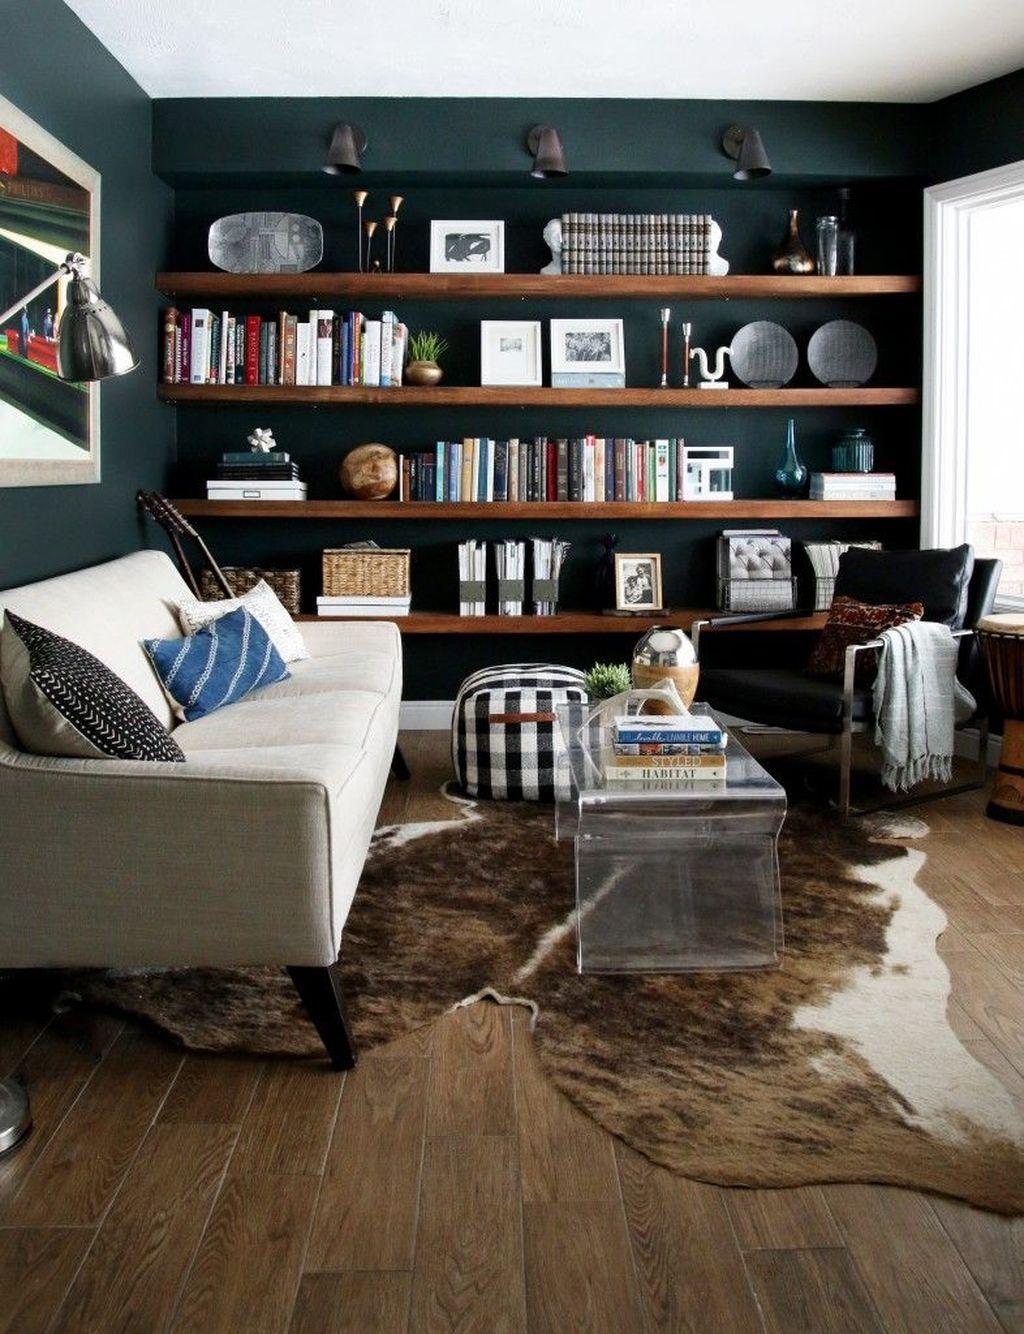 Inspiring Rustic Wooden Floor Living Room Design18